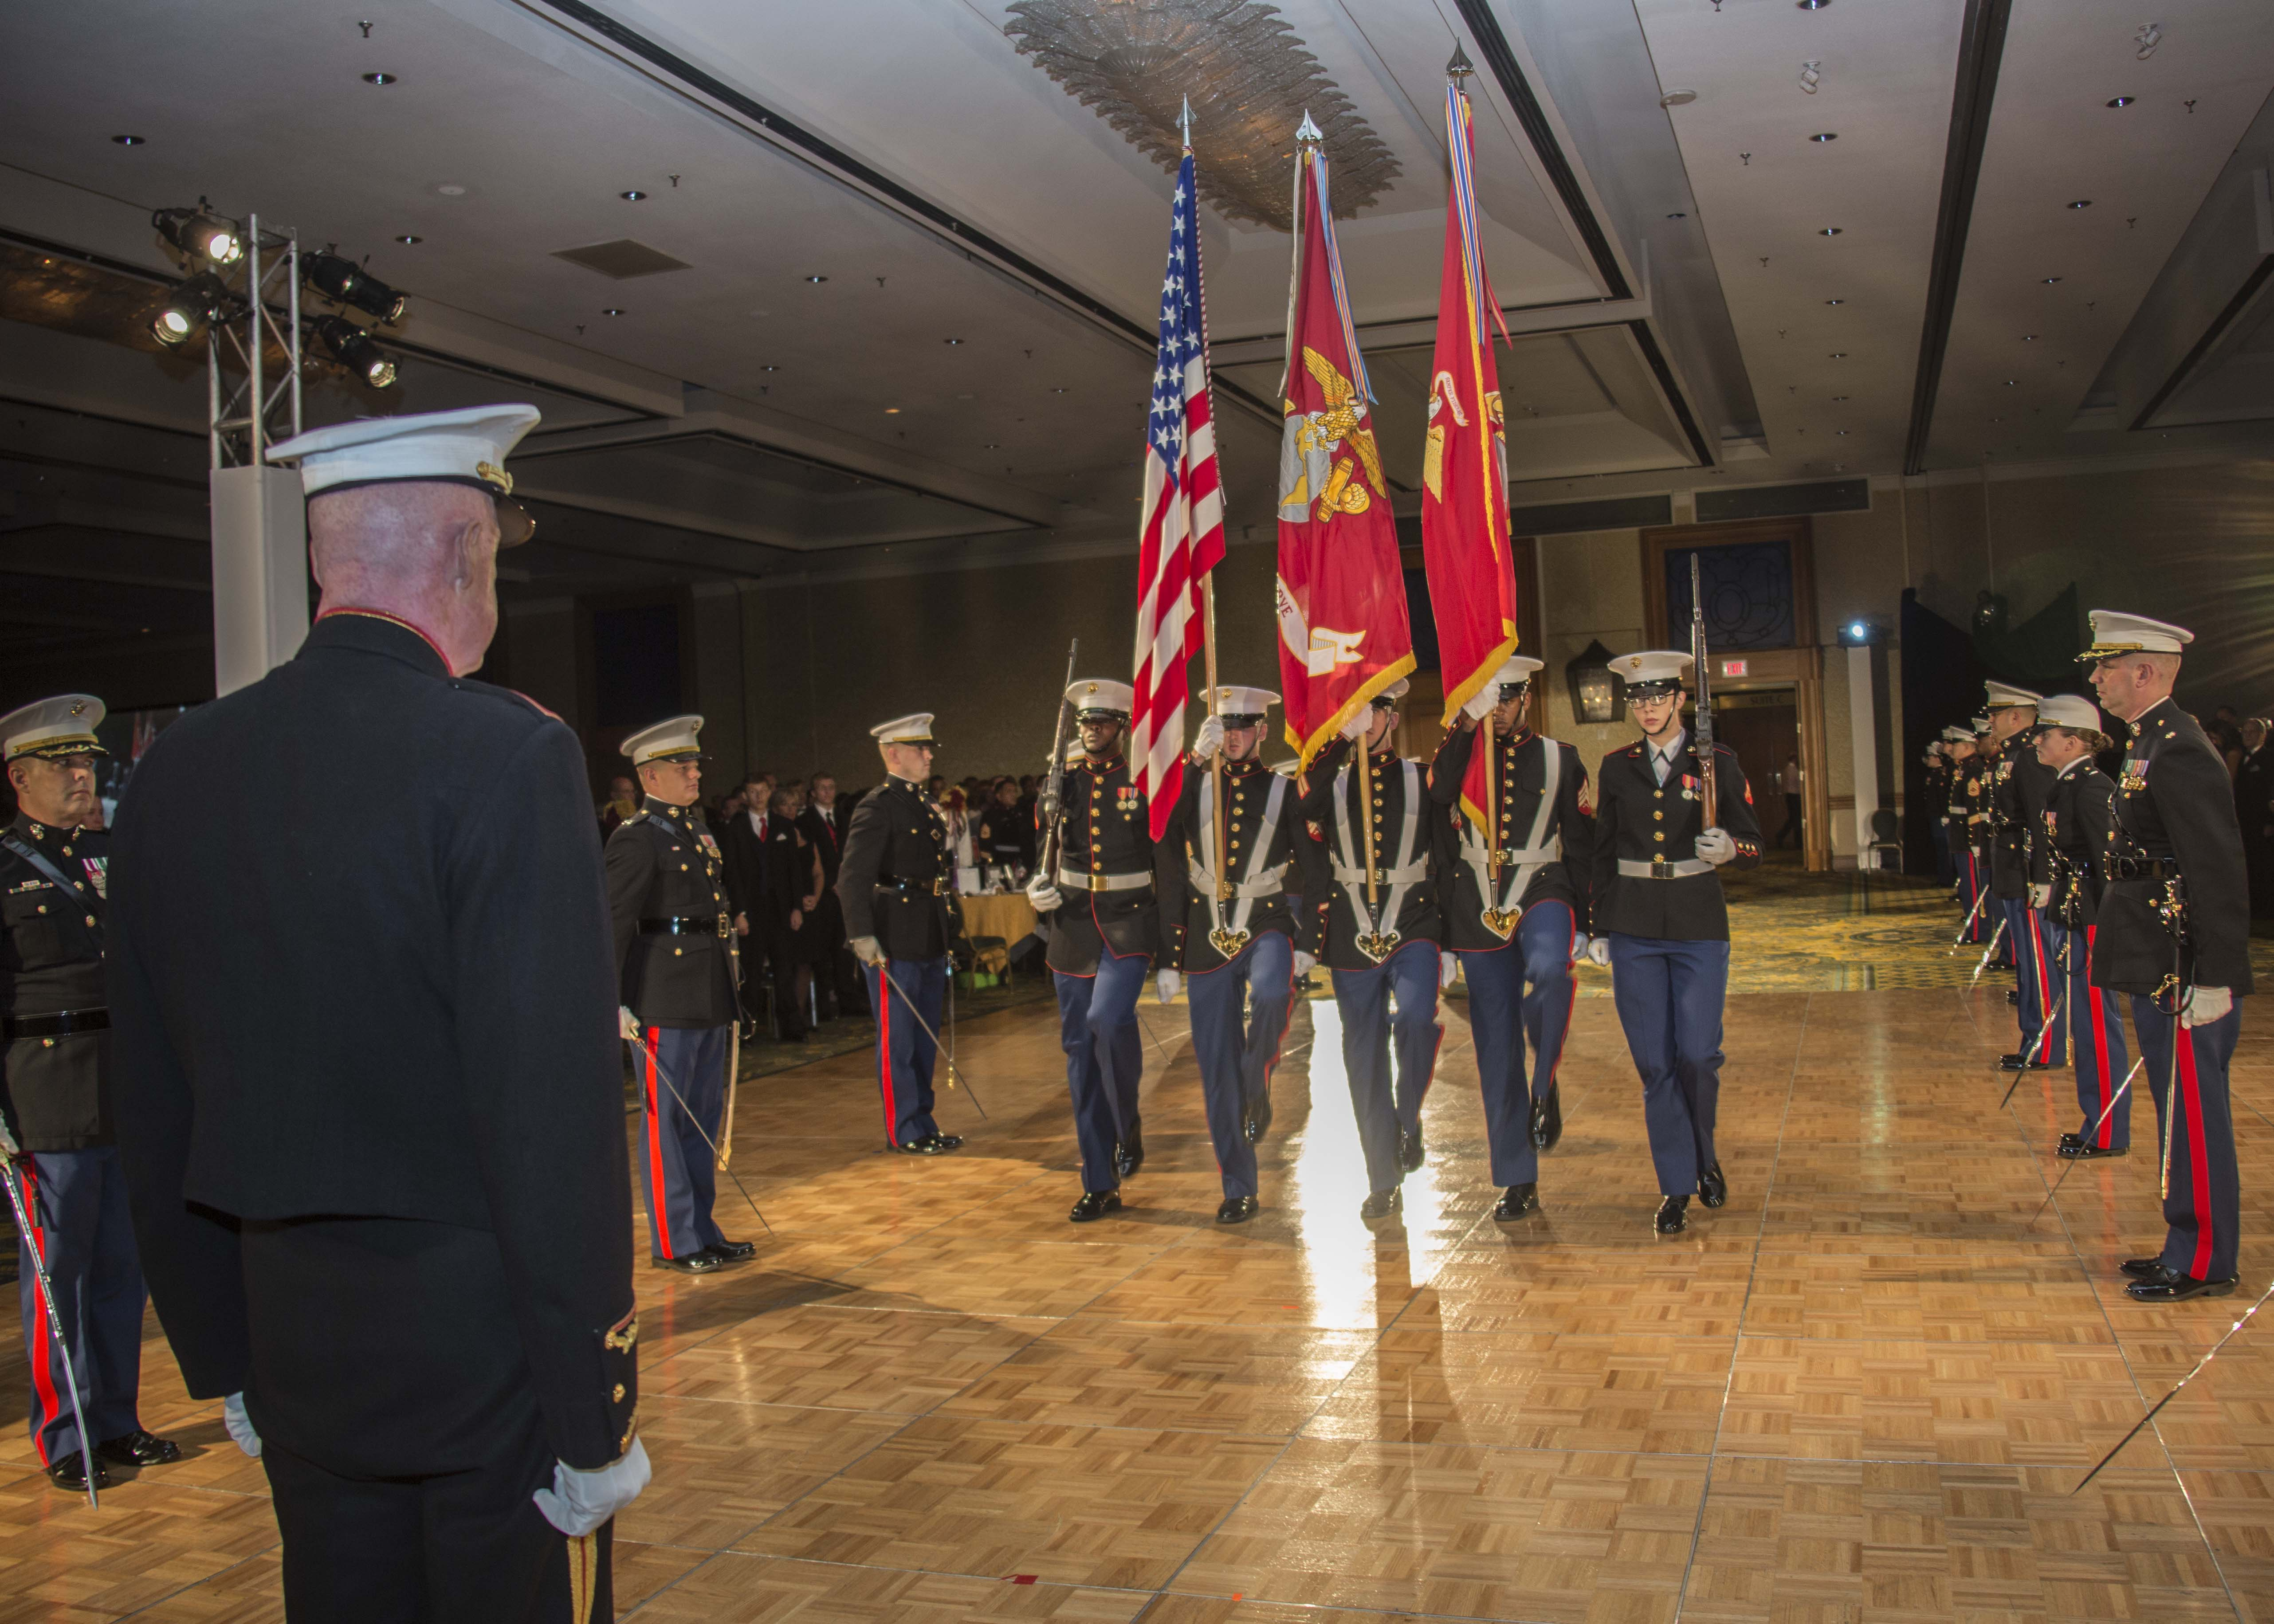 Marine corps birthday 2014 images #1